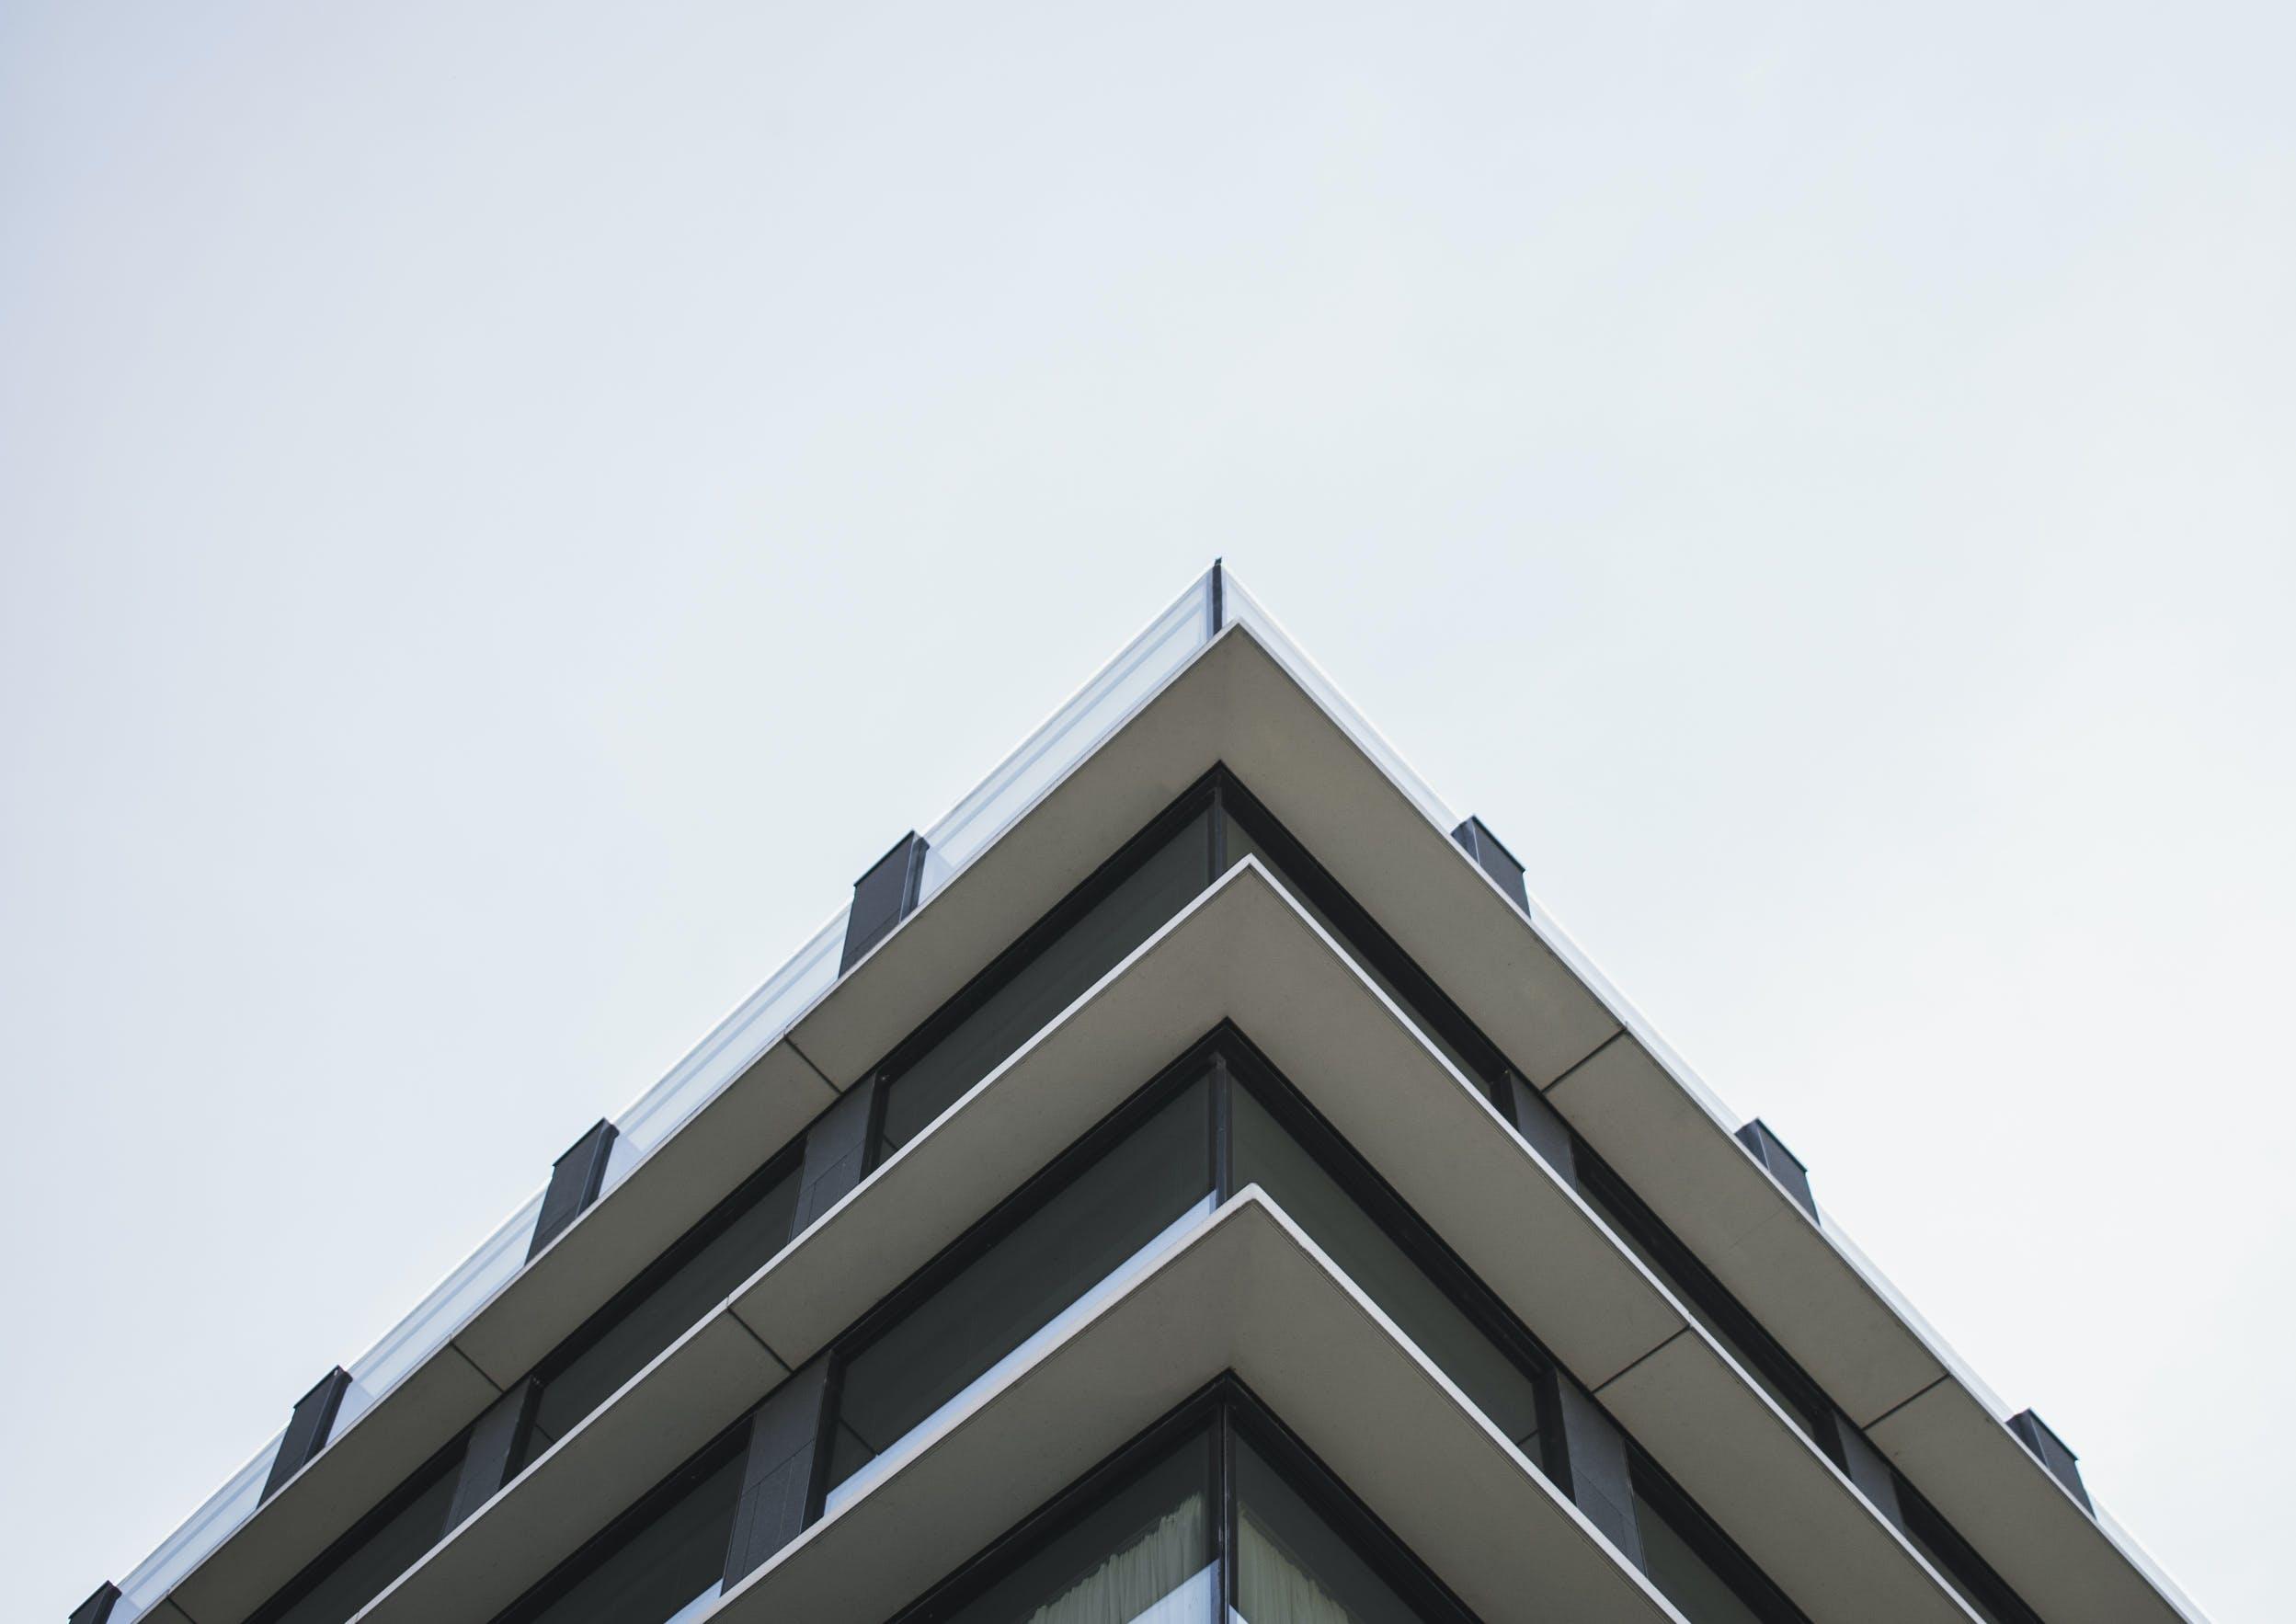 Kostenloses Stock Foto zu architektur, architekturdesign, aufnahme von unten, bürogebäude